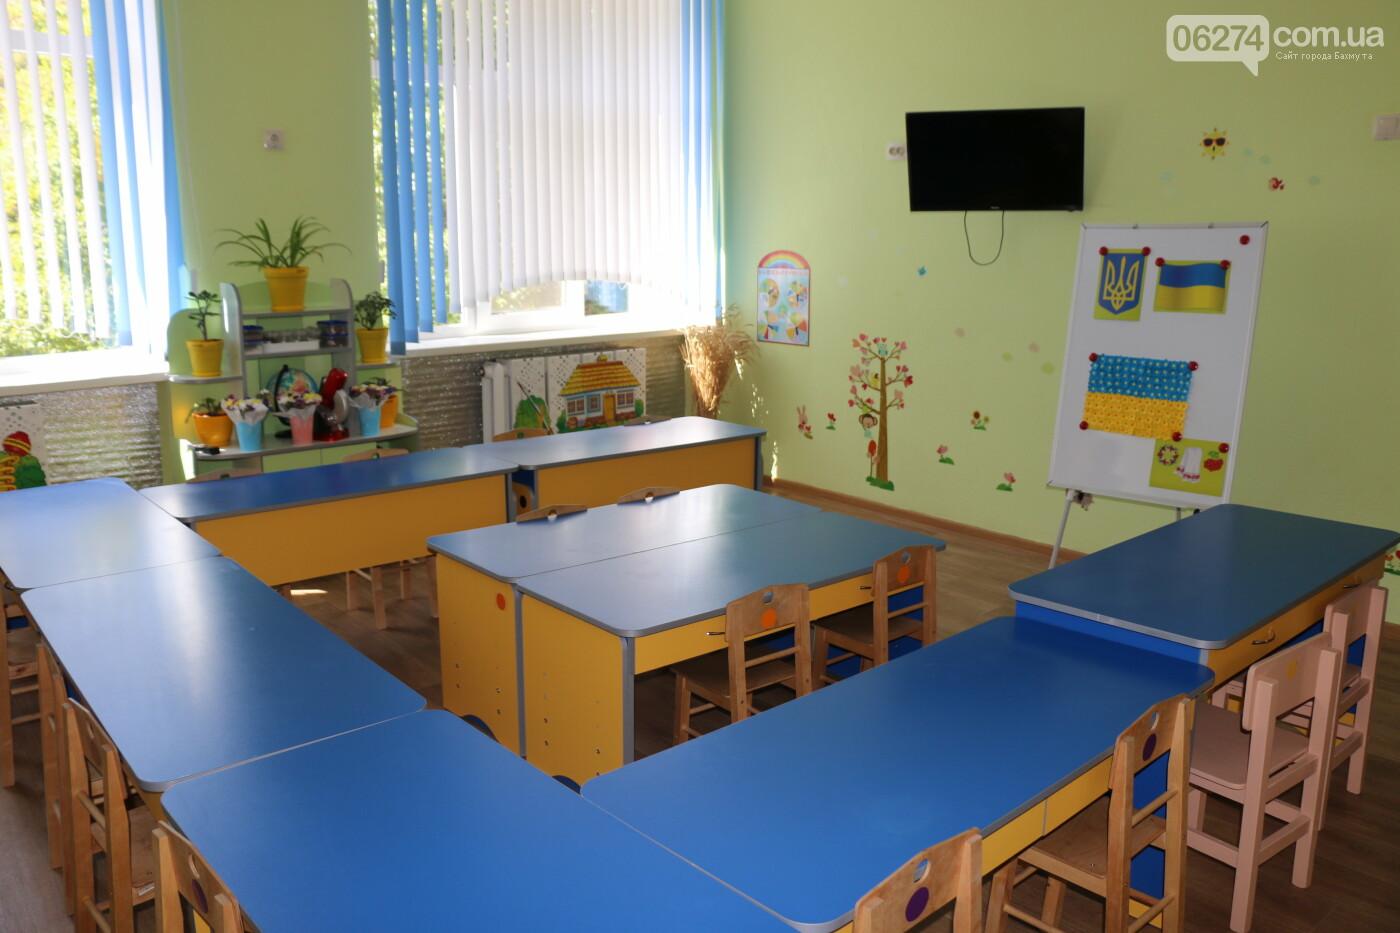 В Бахмуте после капитального ремонта открыли детский сад «Крепыш», фото-10